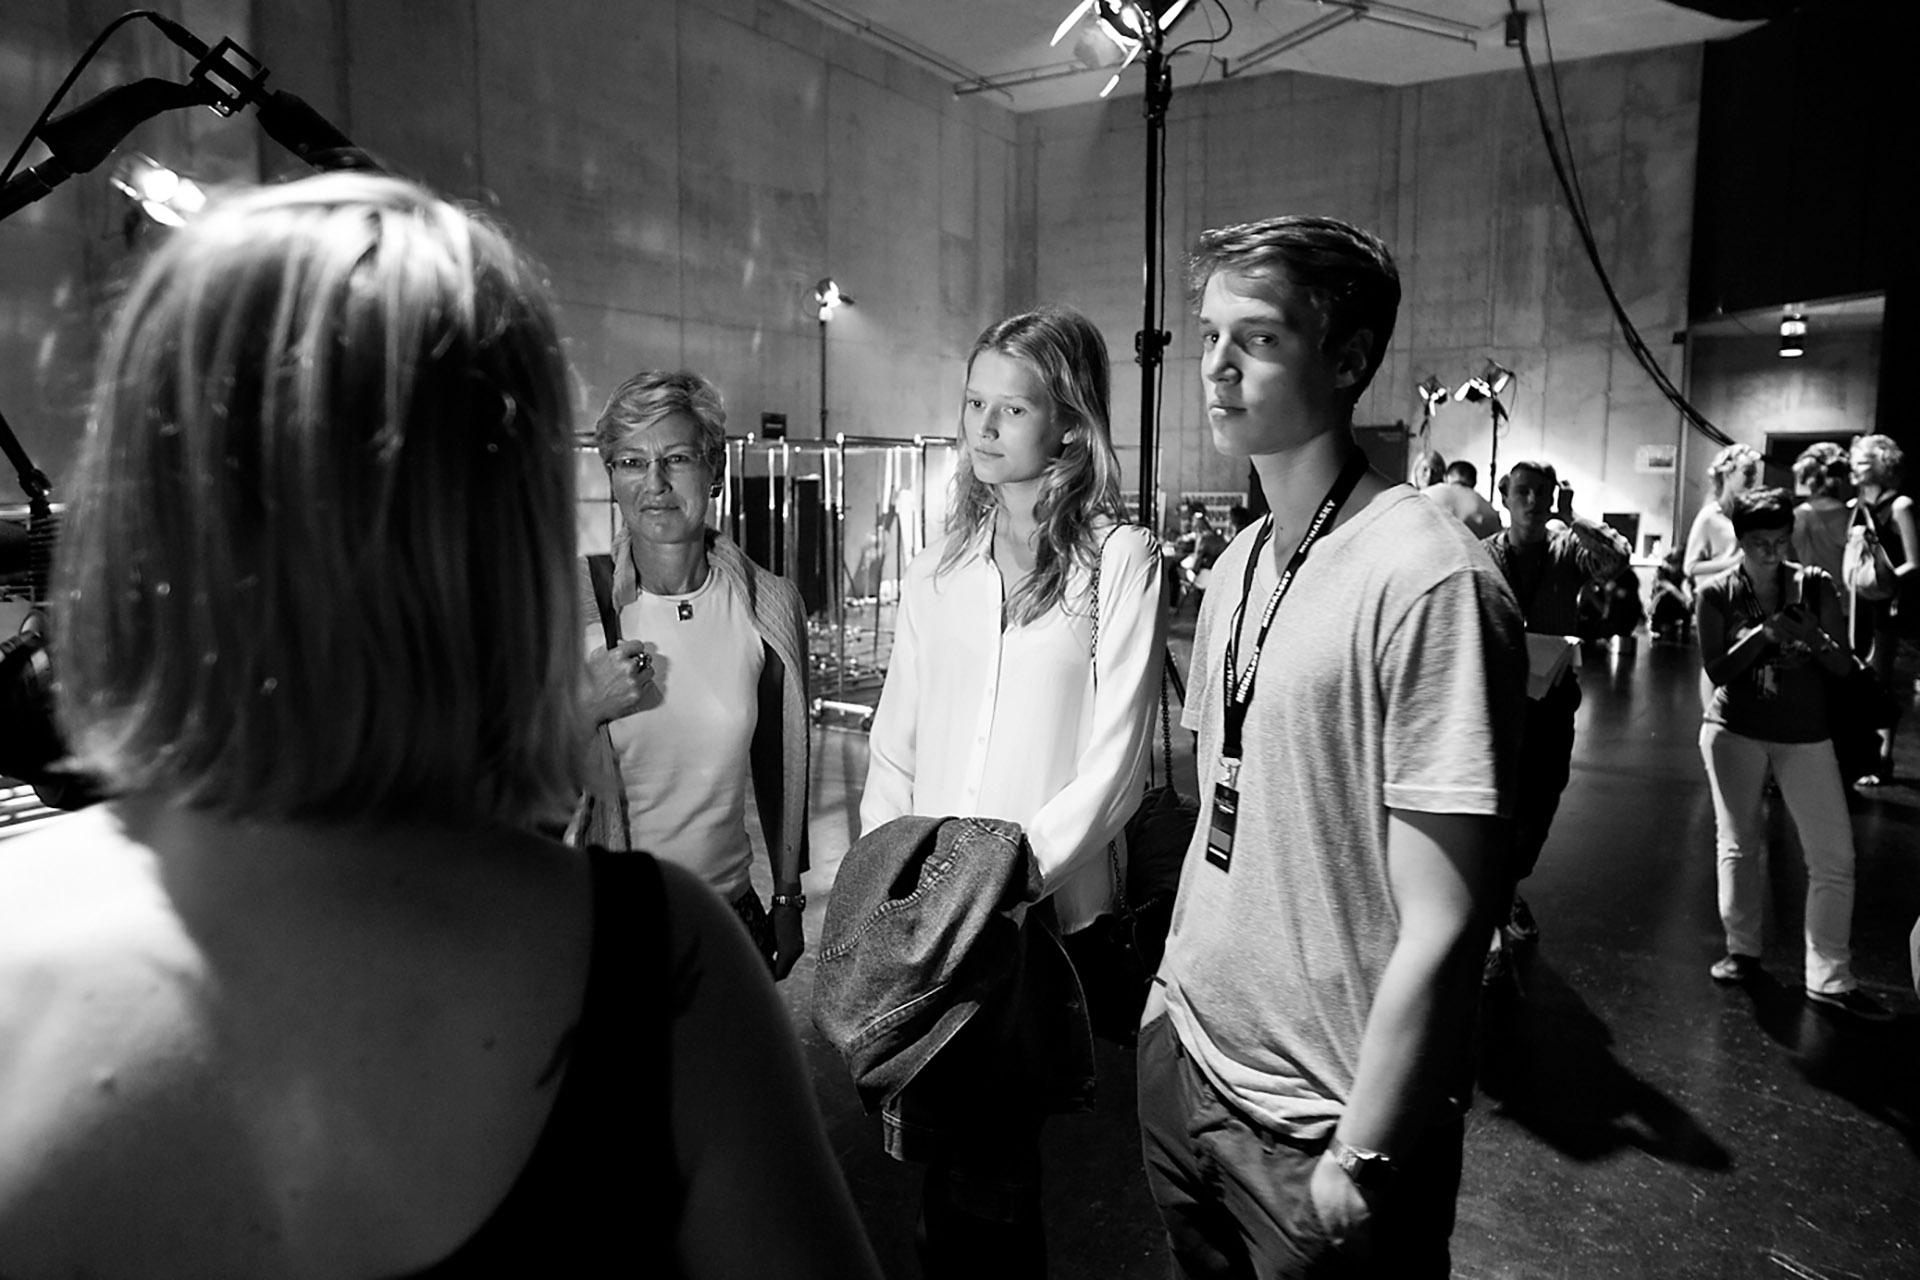 Toni & Niklas Garrn, Models